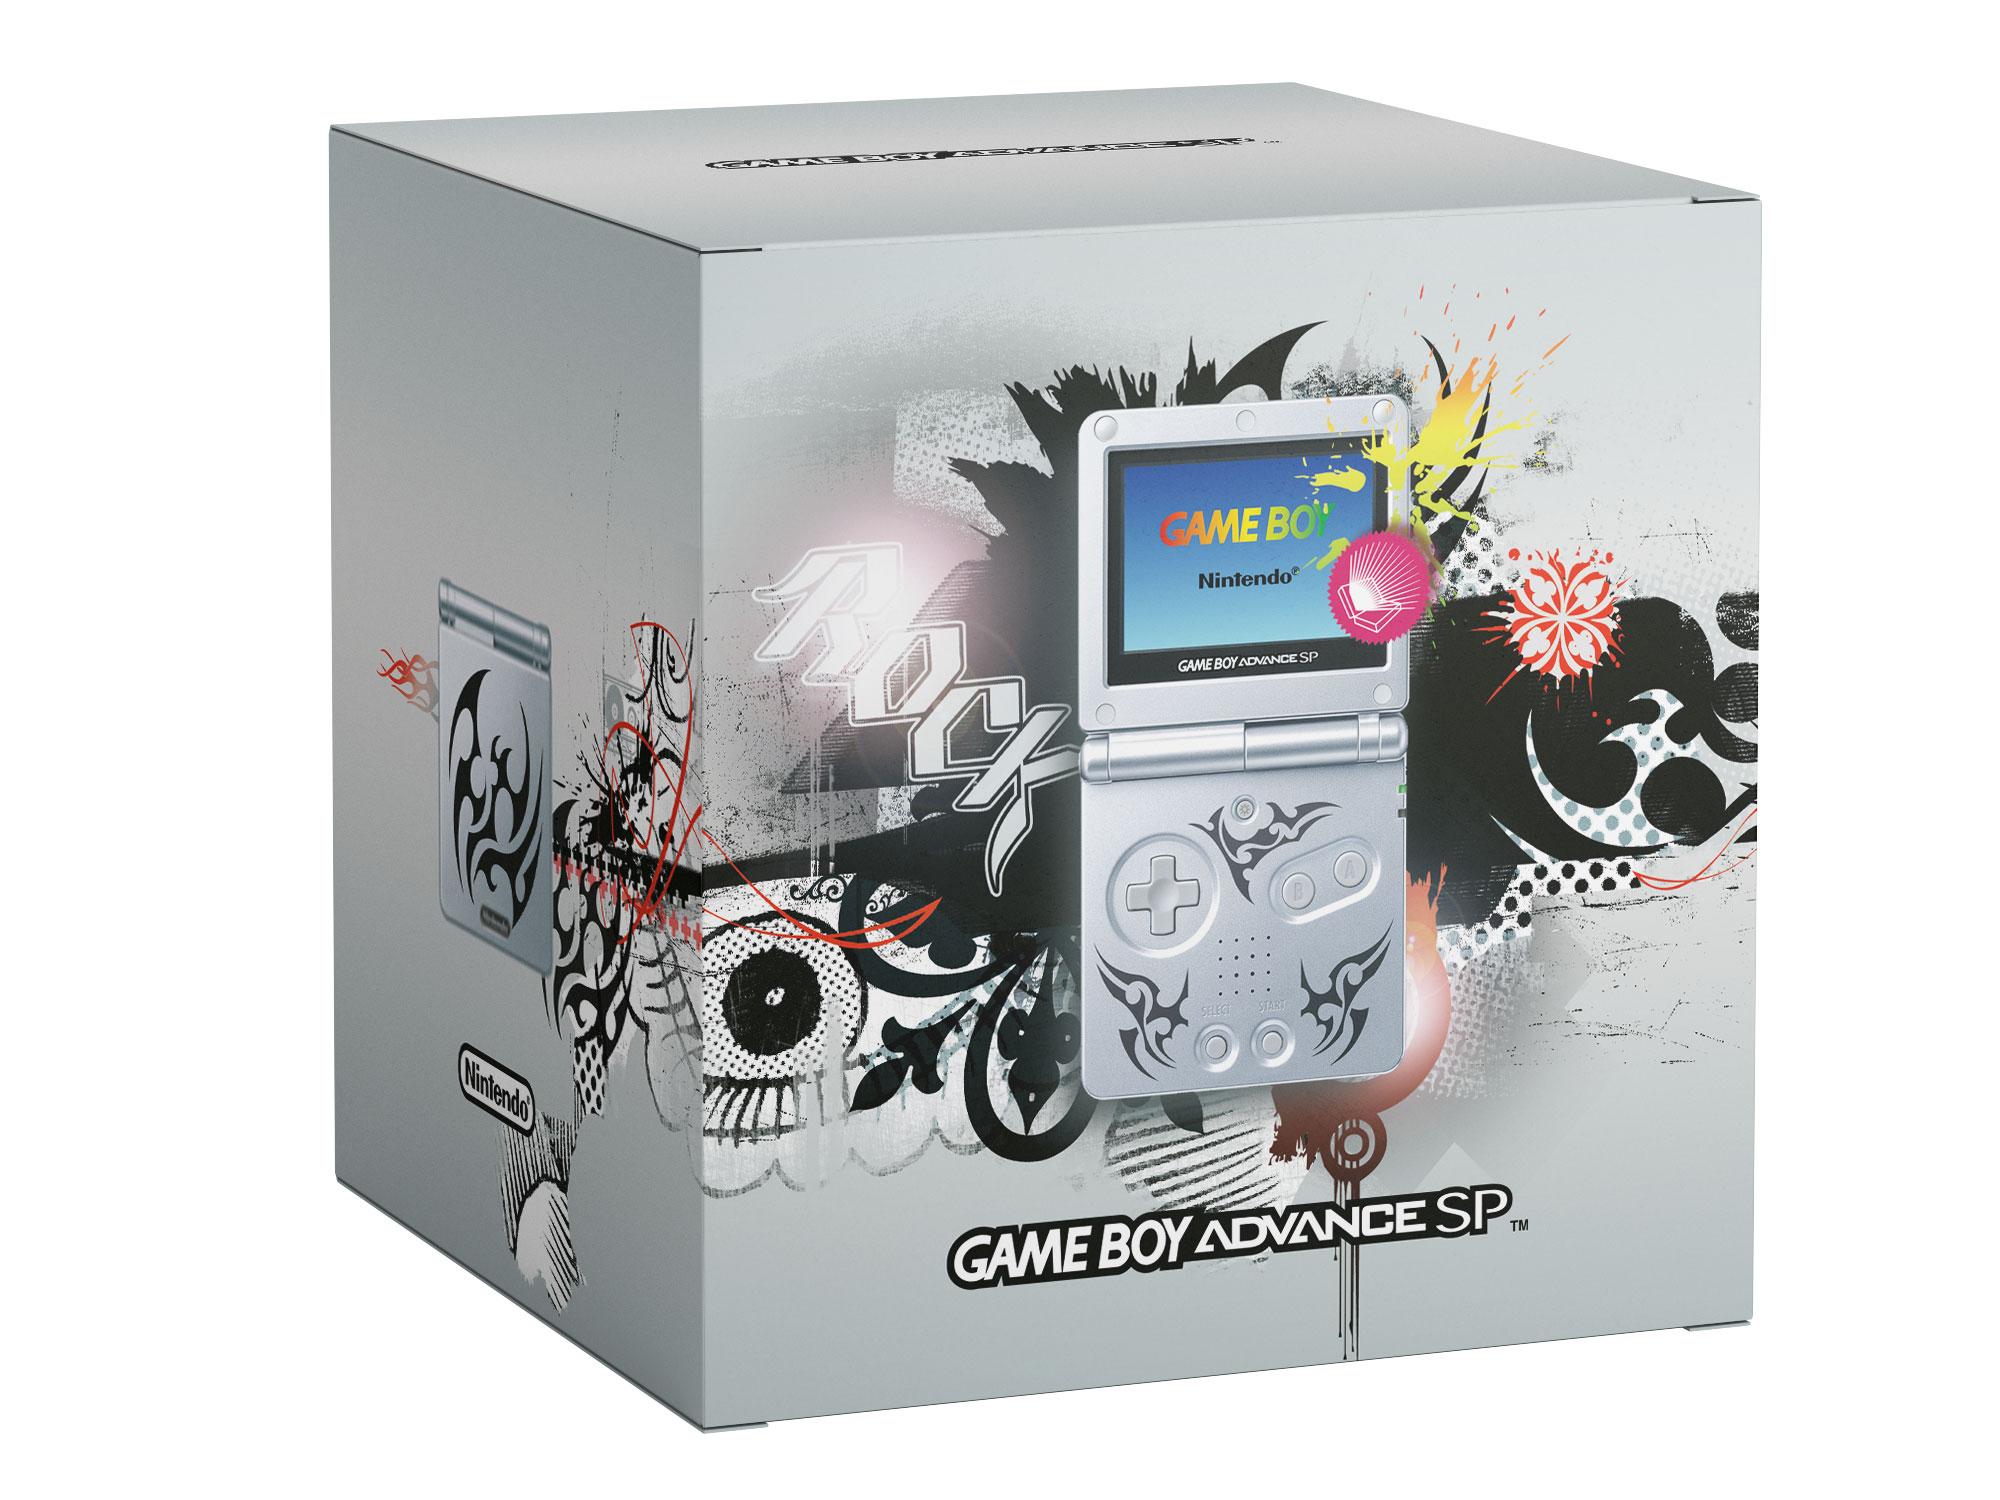 rbtq_Illustration_Seiser_Illustratorin_TVDesign_Nintendo_TribeBox.jpg